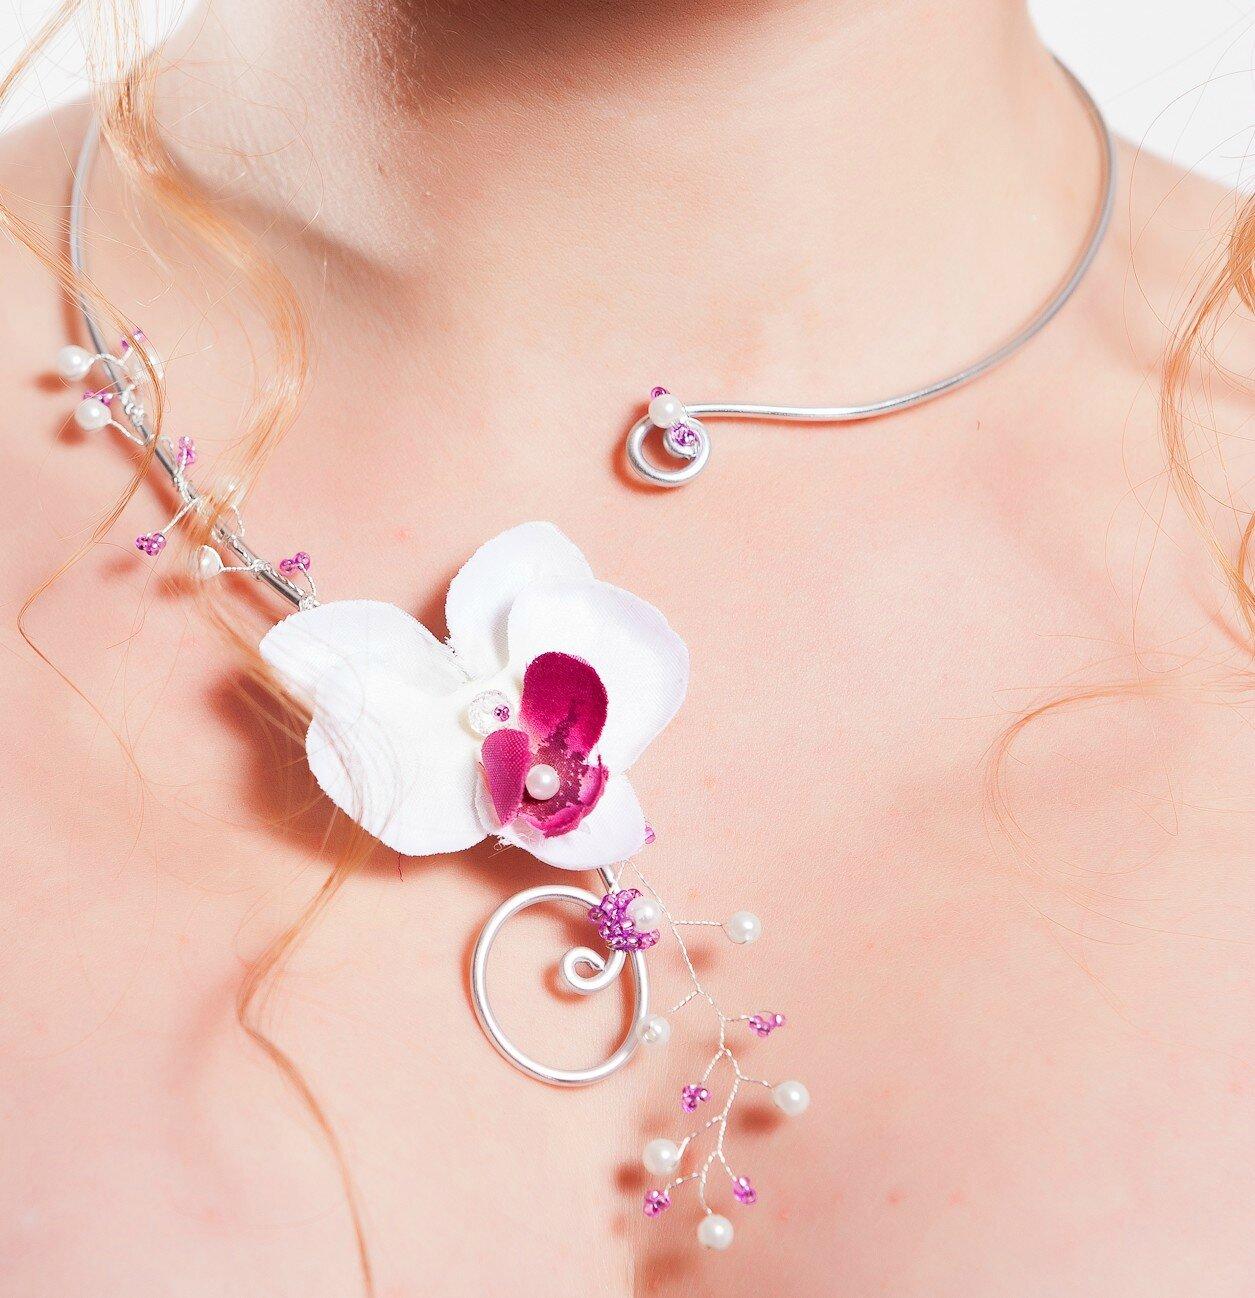 collier mariée fil aluminium et felur orchidée - mariage - cérémonie